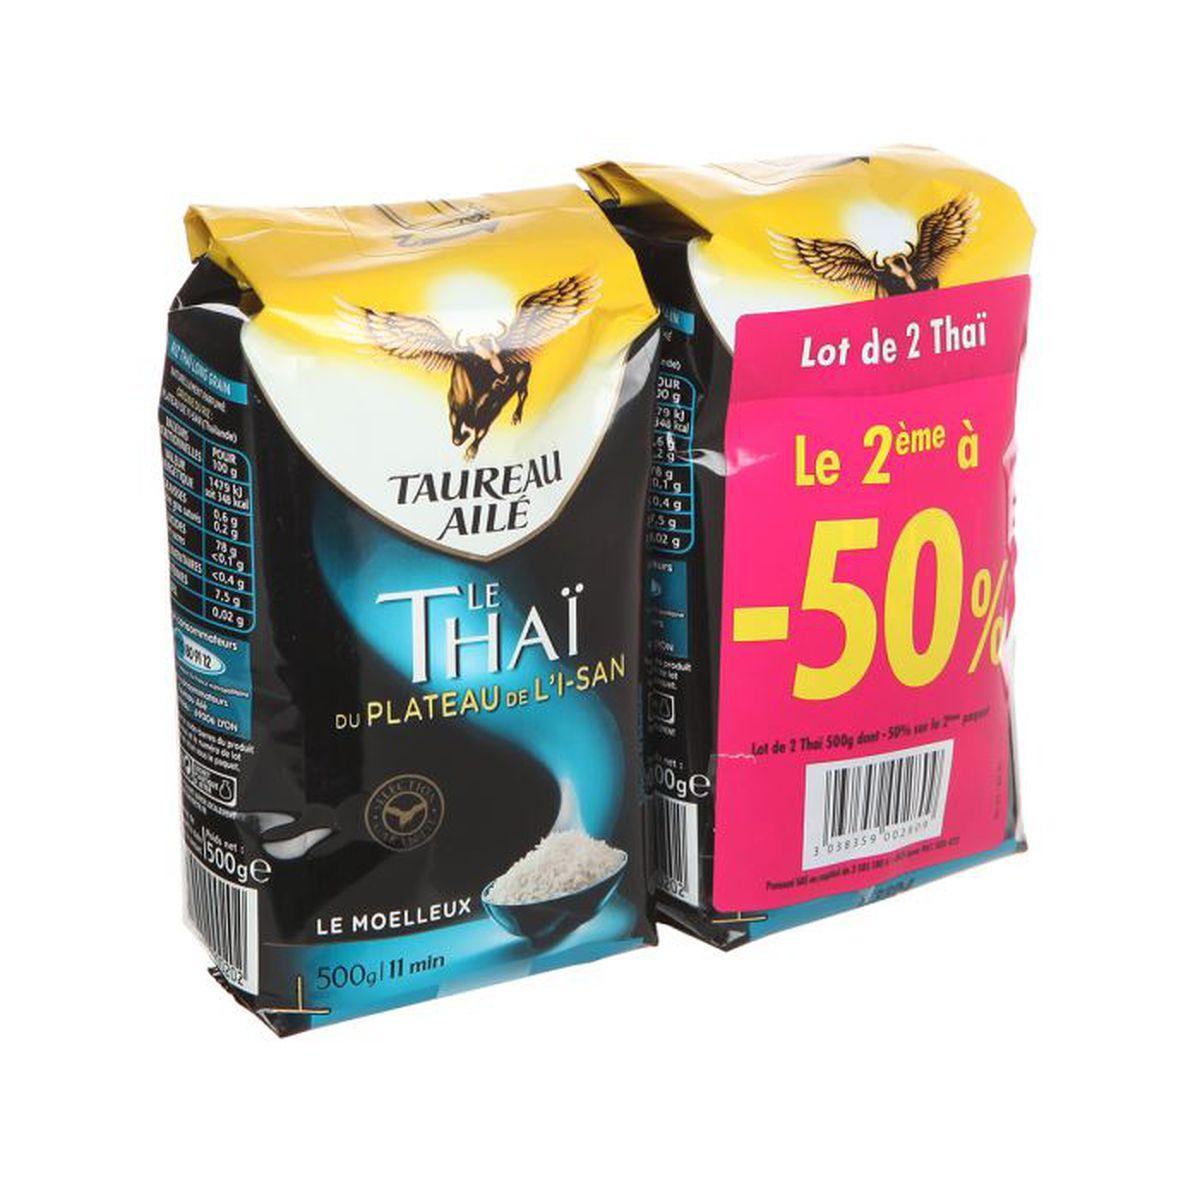 a1d5cf6ec44 TAUREAU AILE Riz Thai 2x500g - Achat   Vente riz TAUREAU AILE Riz ...